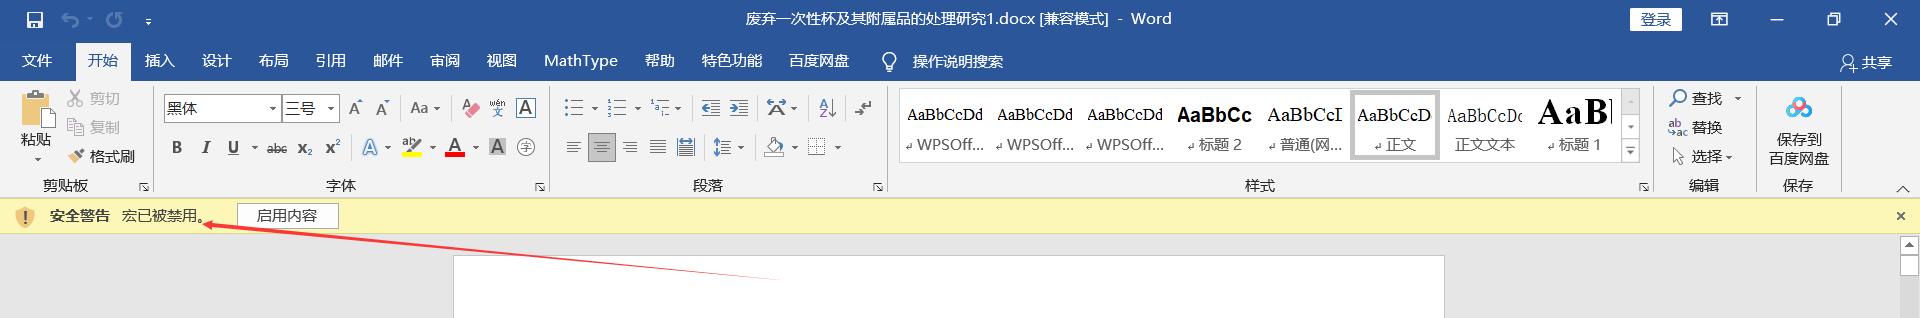 """打开Word文档的时候提示 """"安全警告 宏已被禁用""""的解决"""